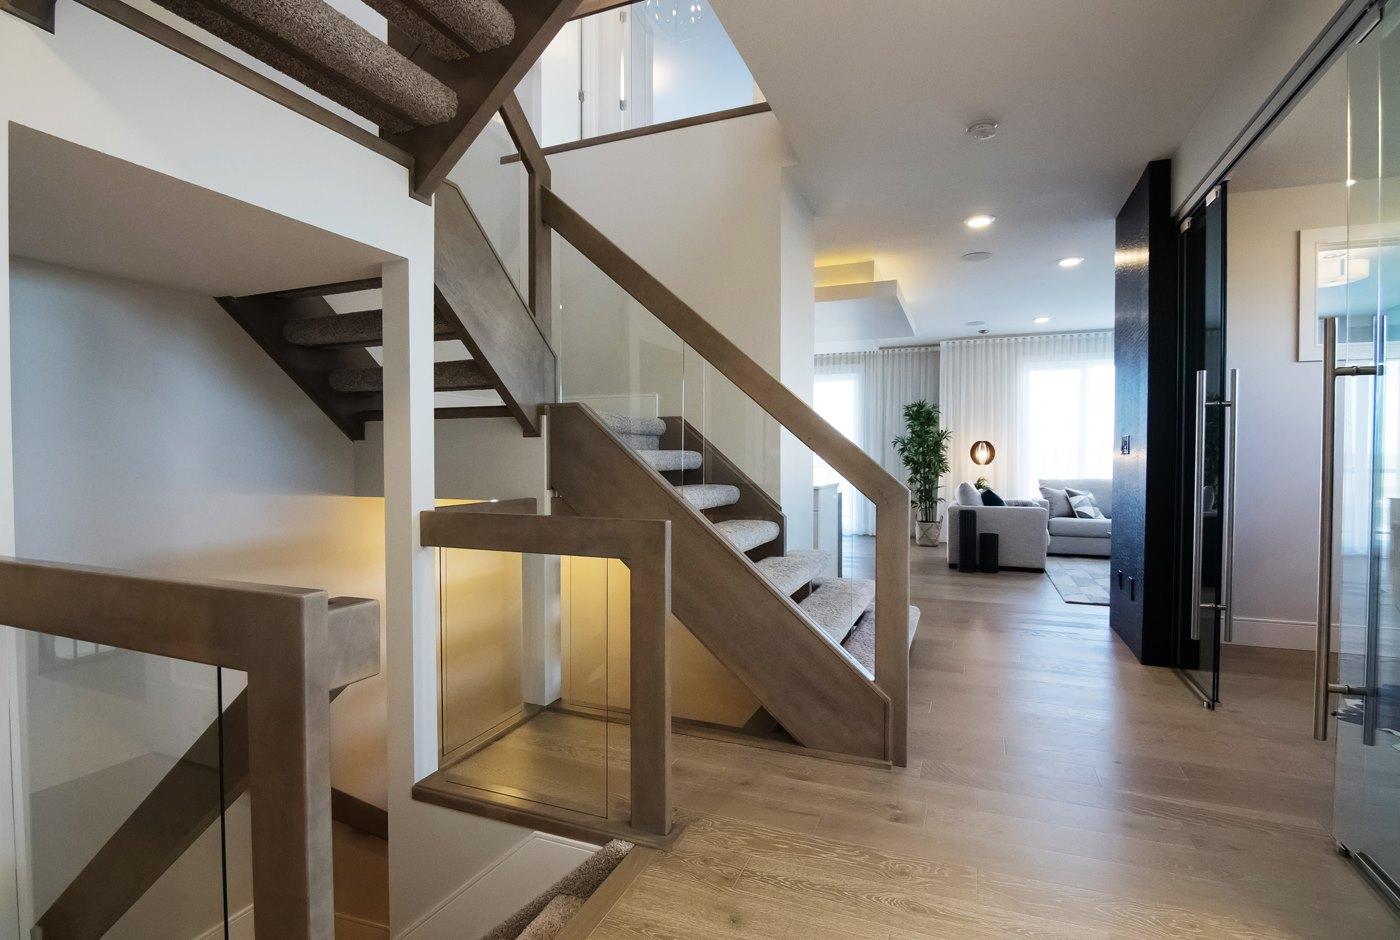 Tusc-stairs-2.jpg